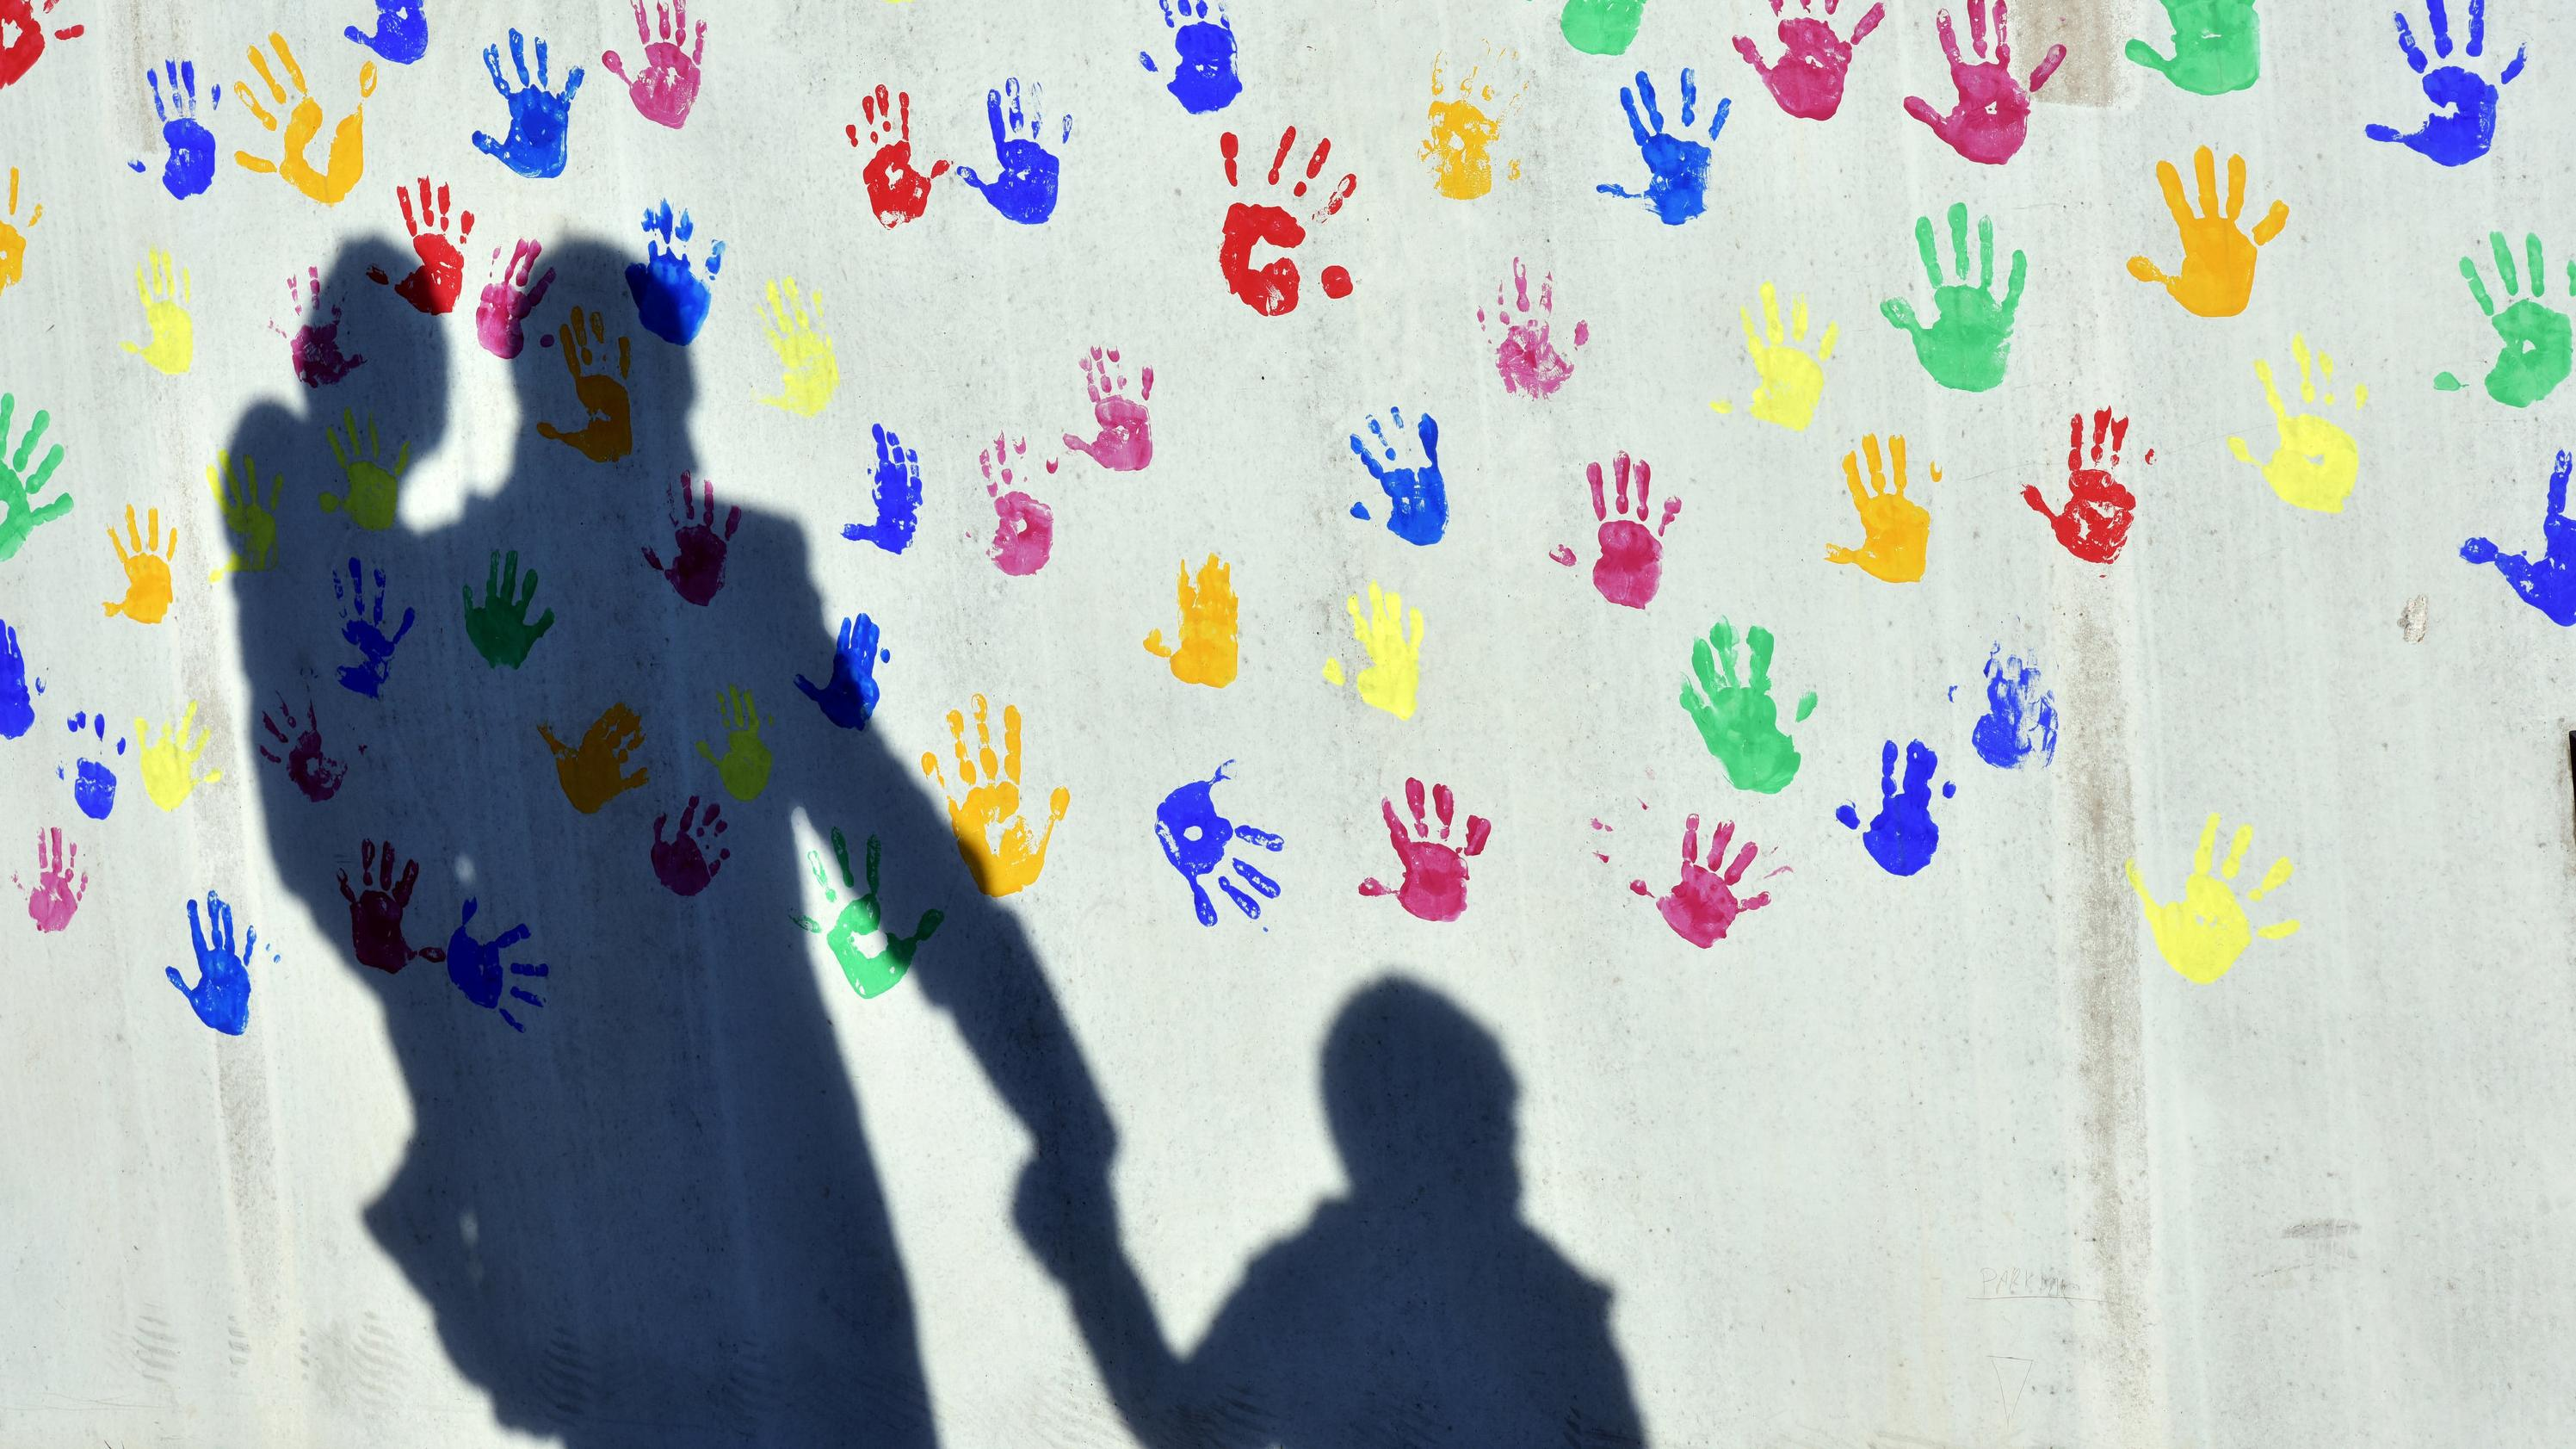 Schatten eines Mannes mit einem Kind auf dem Arm und einem weiteren Kind an der Hand